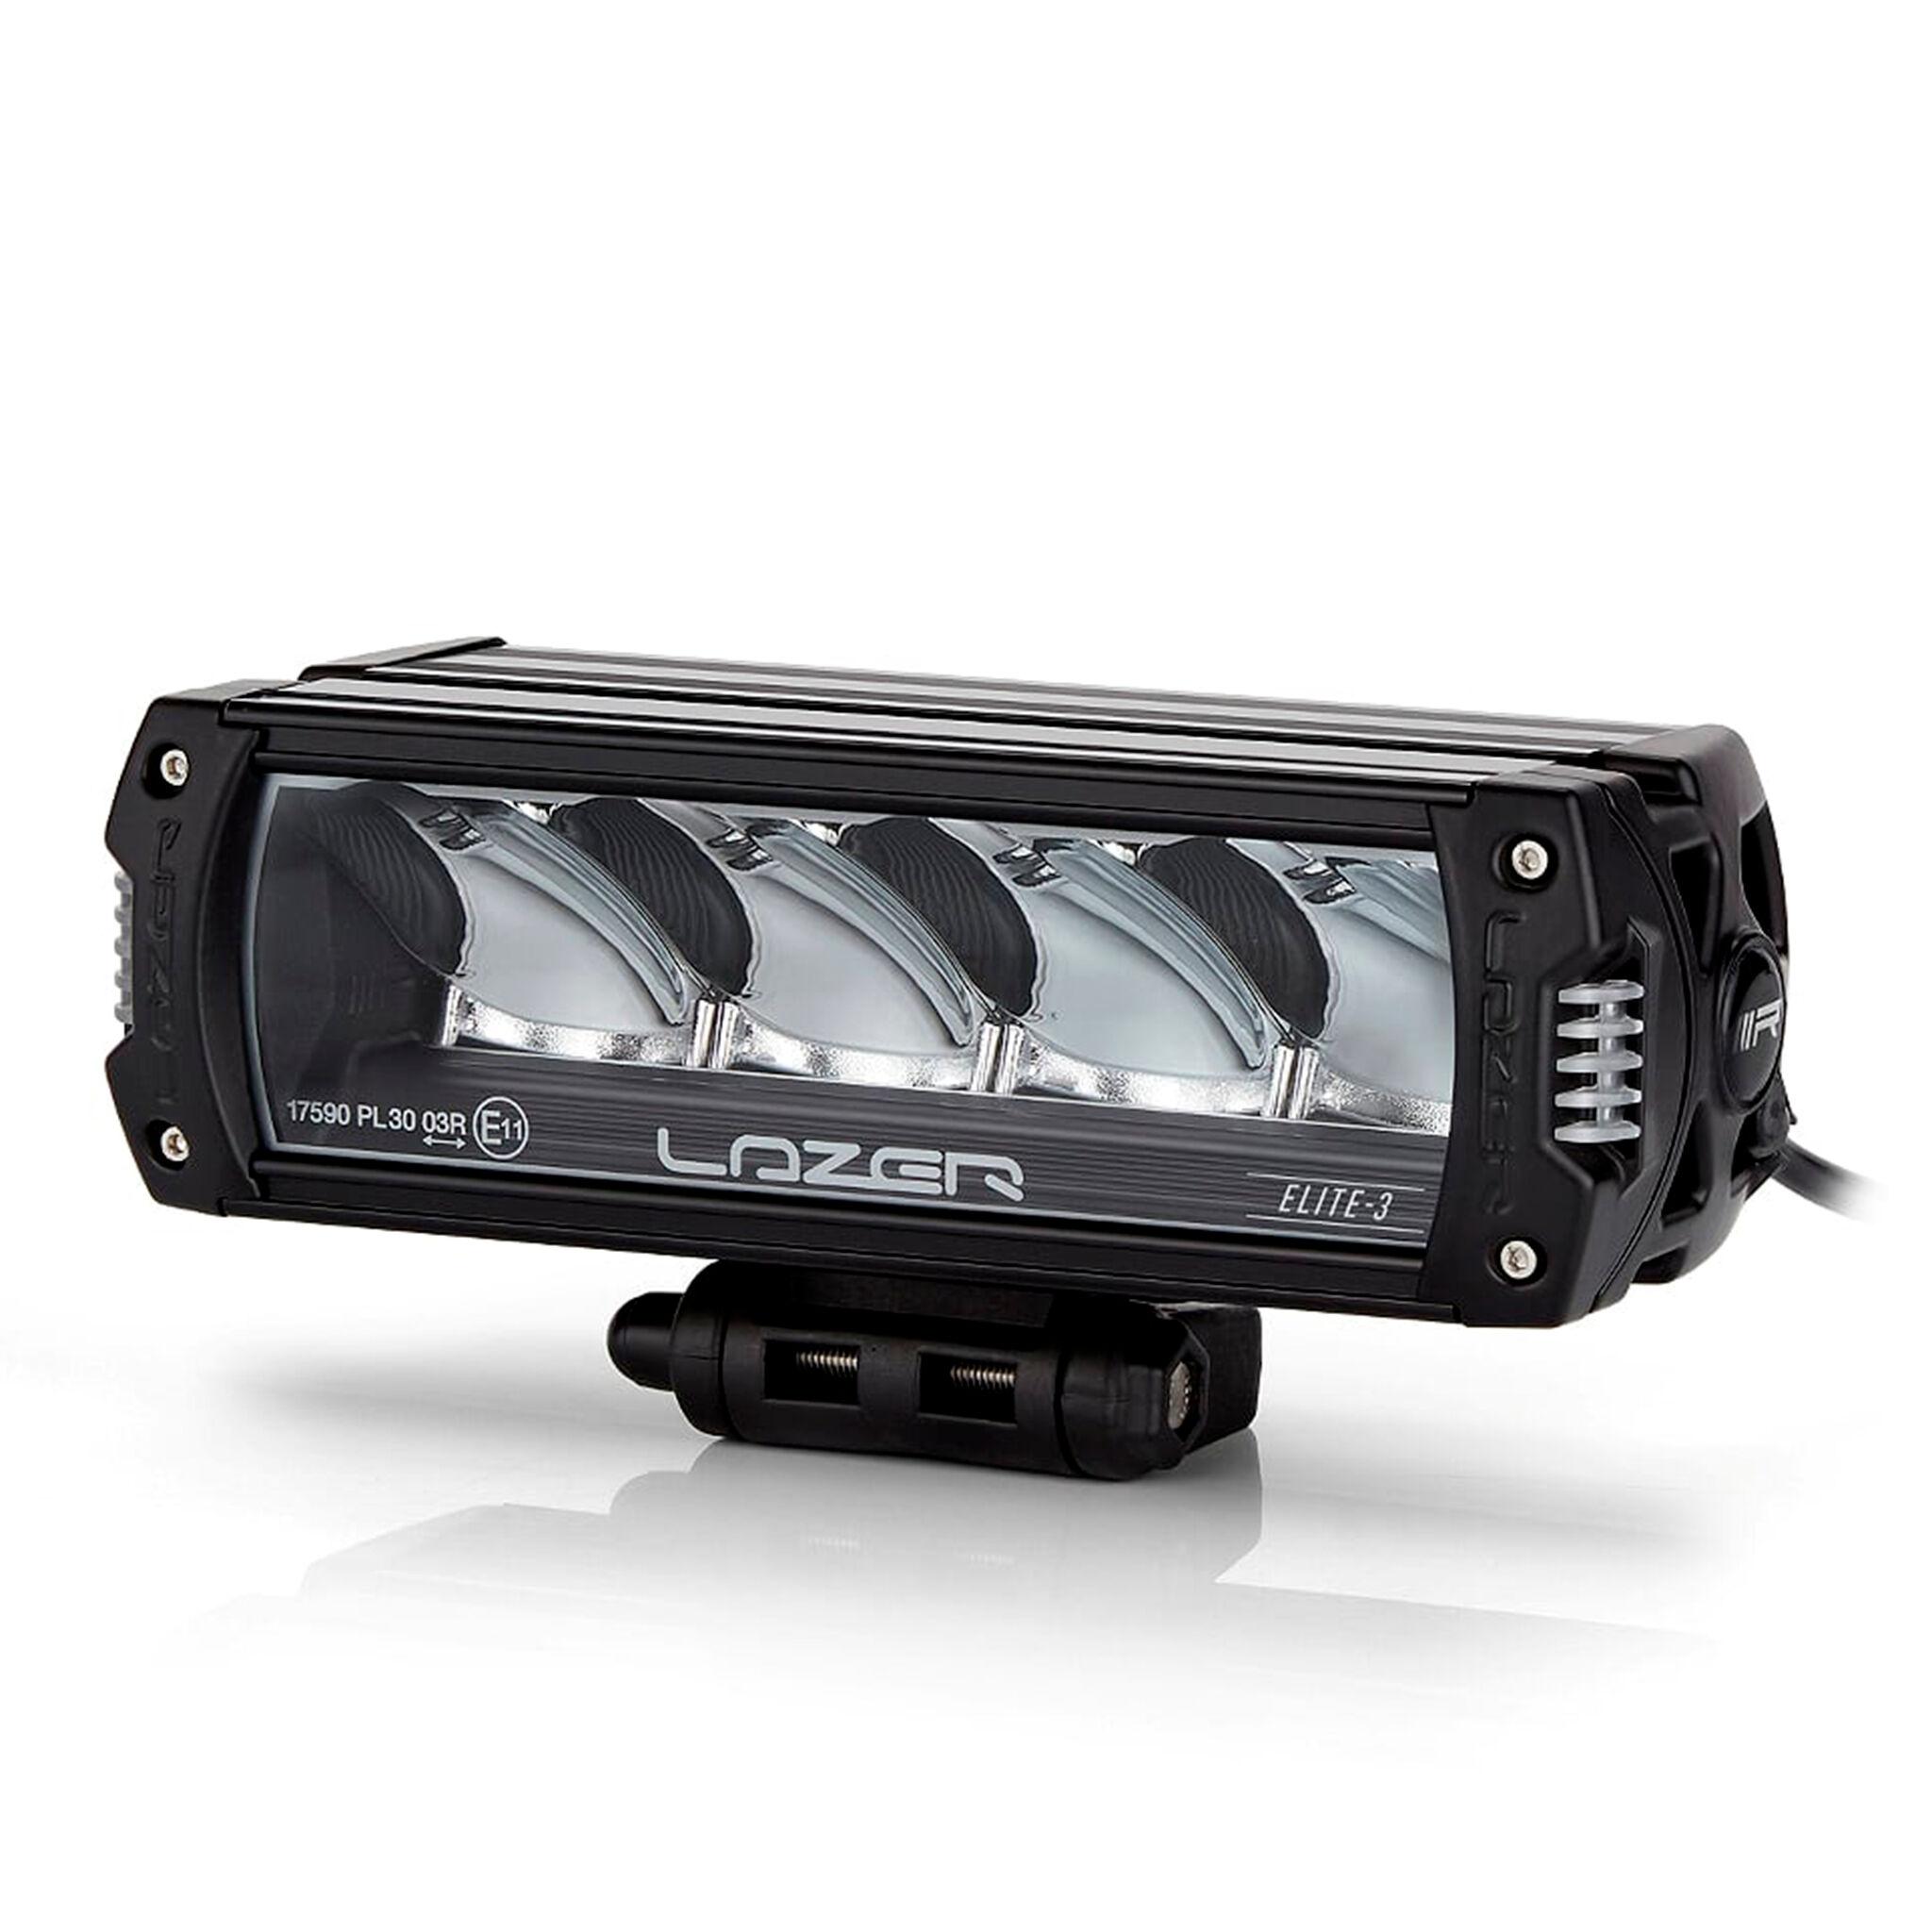 LAZER Lisävalo Lazer Triple-R 750 Elite 3 - Suora / 22 cm / 46W / Ref. 37.5, 2 kpl - Täydellinen setti